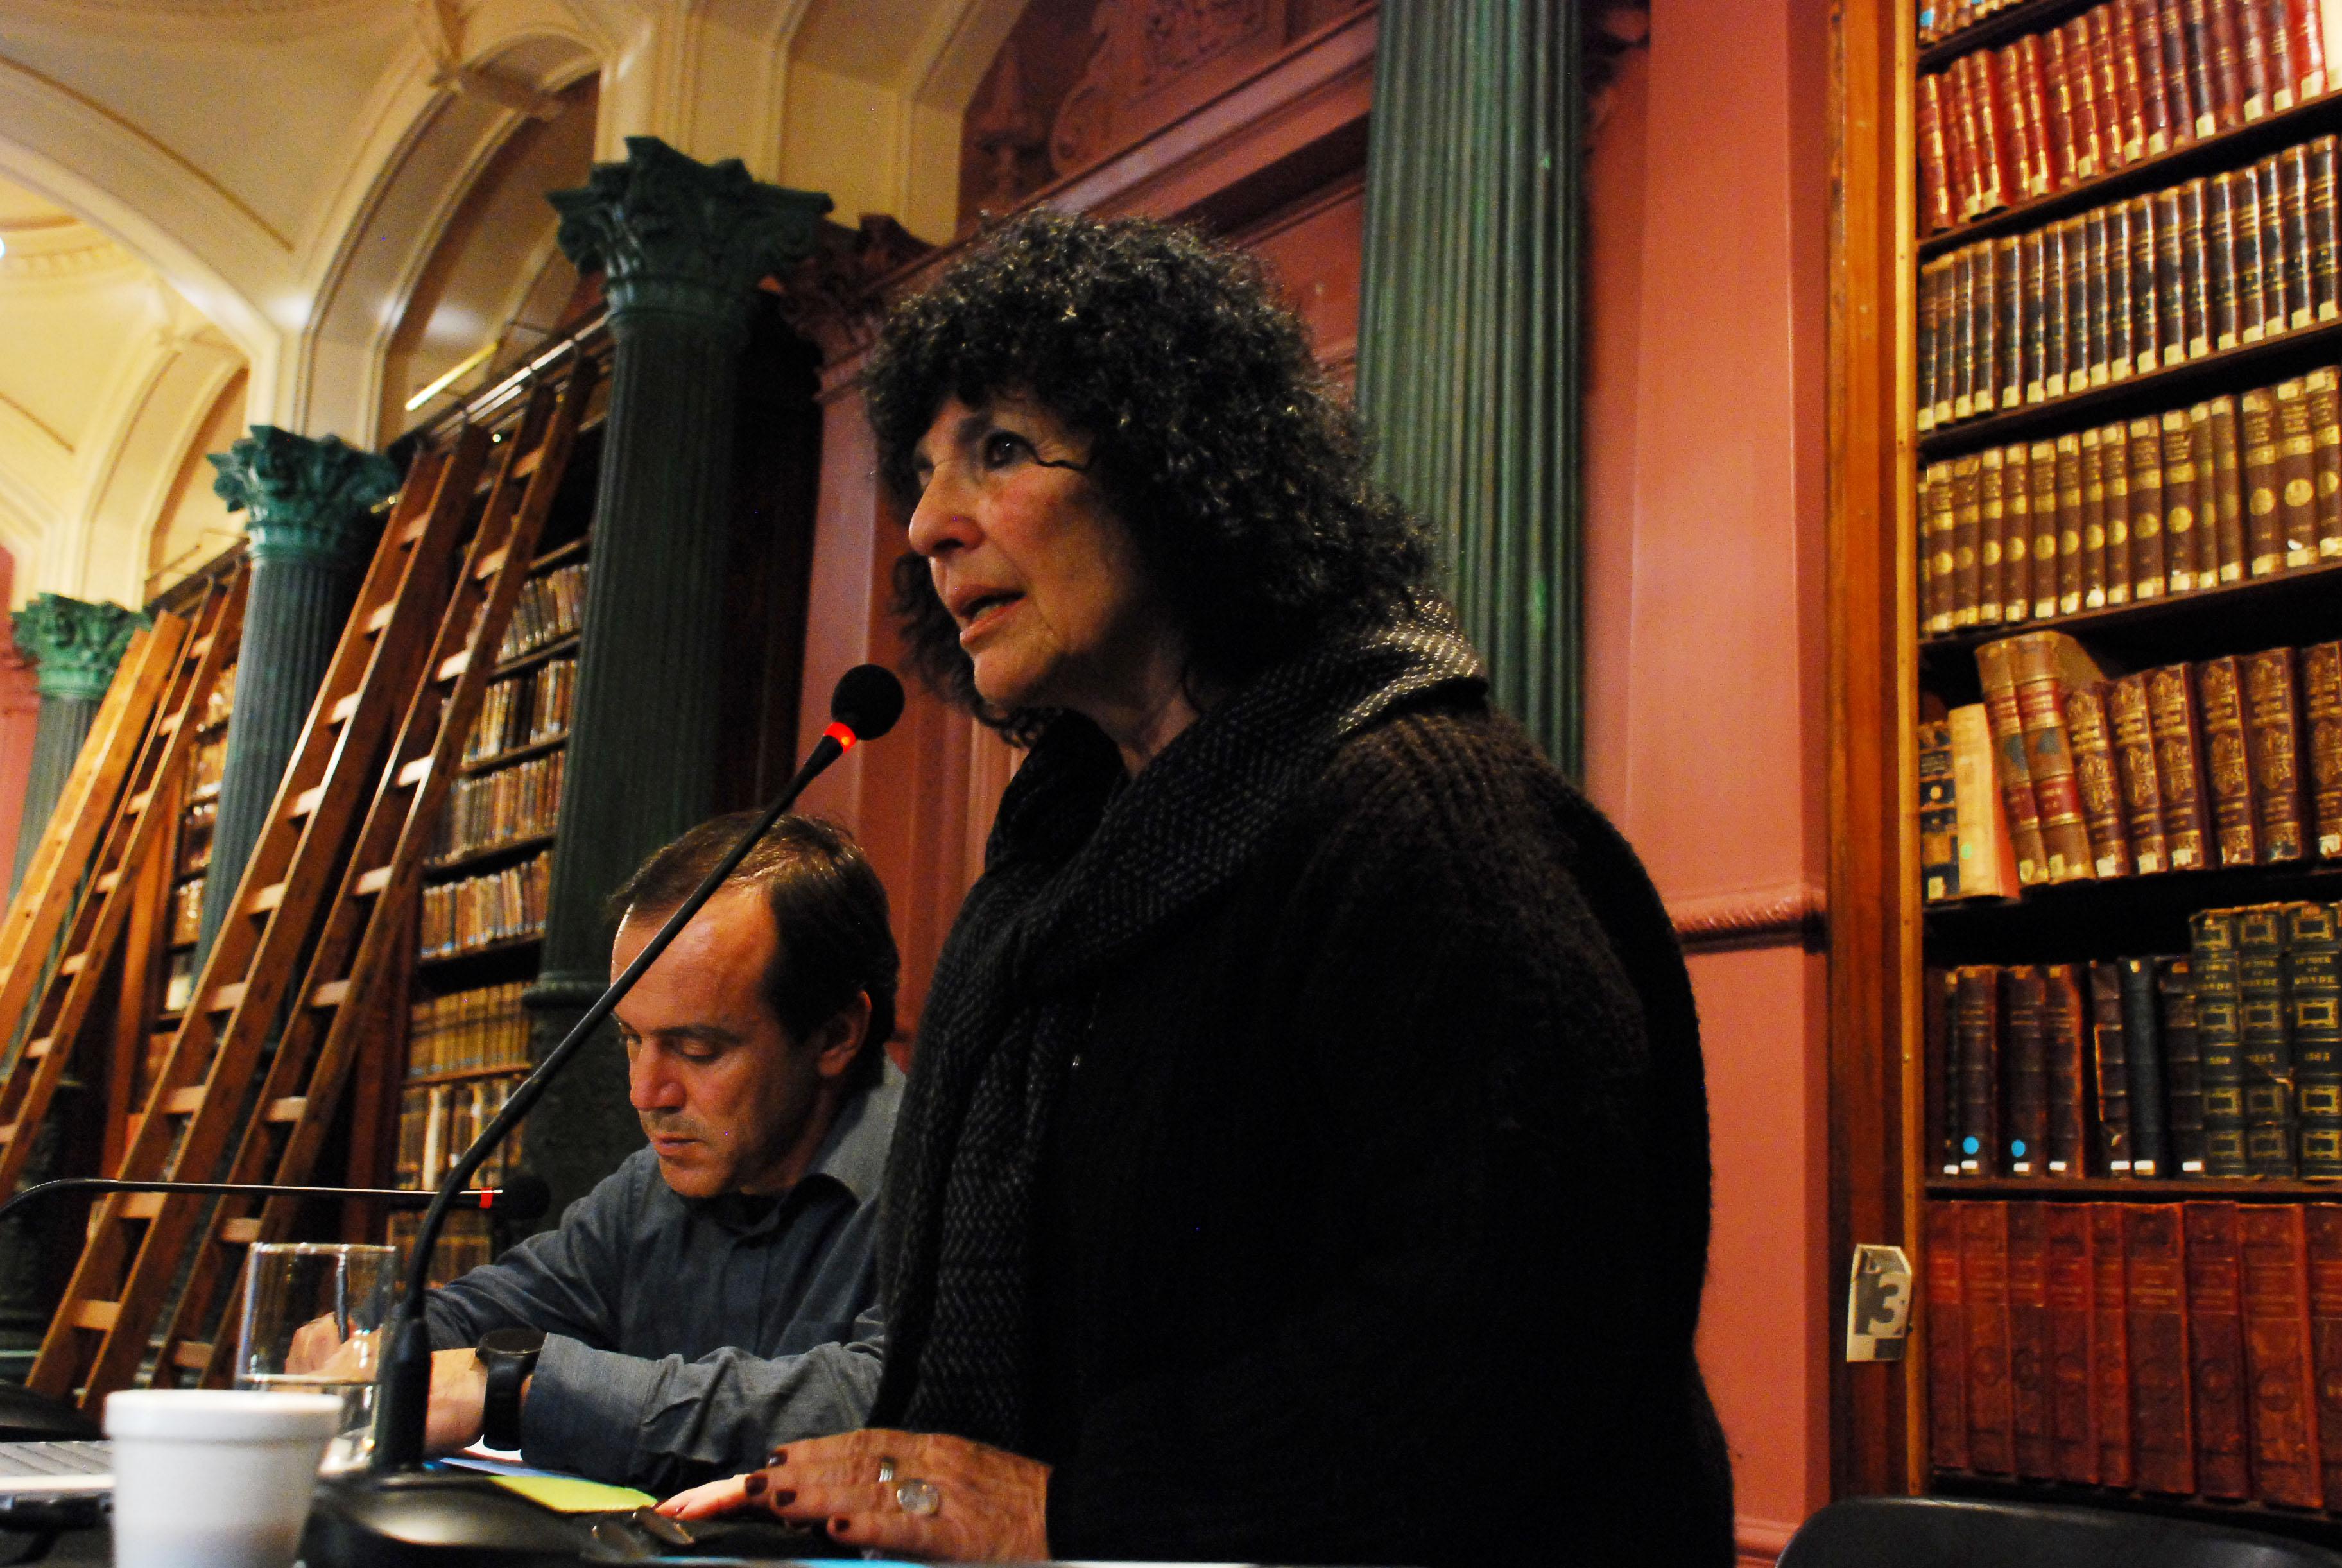 Mg. Alicia Entel y Lic. Javier Rodríguez